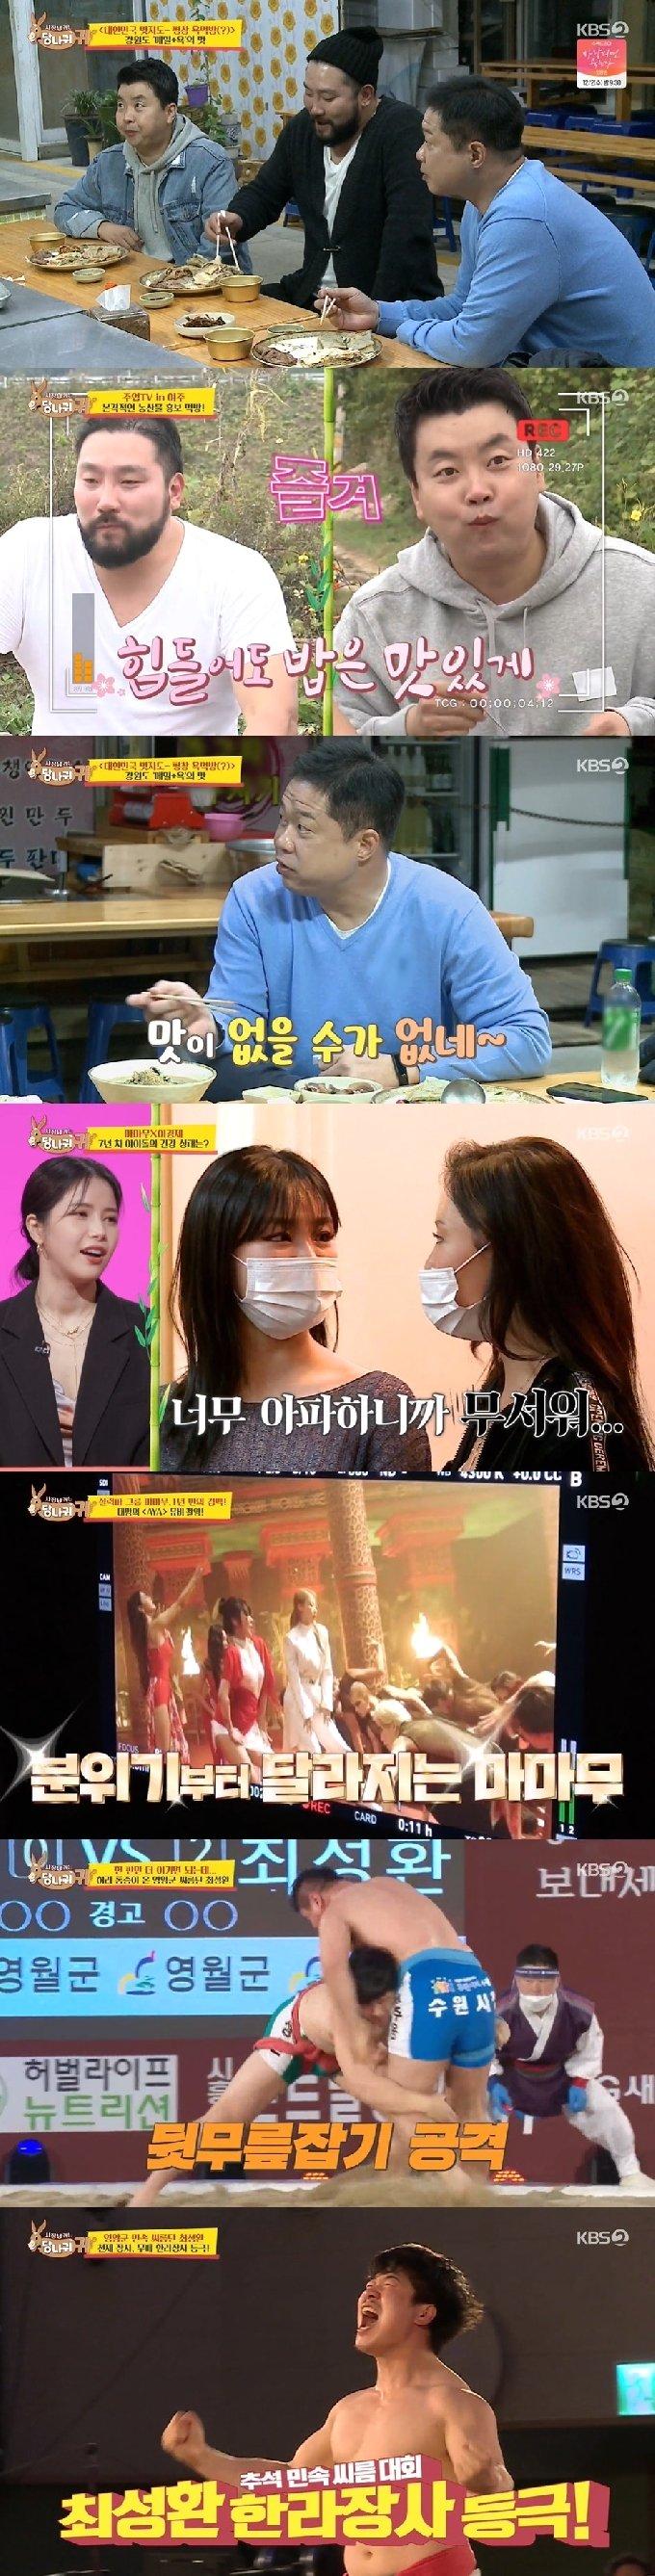 KBS 2TV '사장님 귀는 당나귀 귀' 방송 화면 갈무리 © 뉴스1